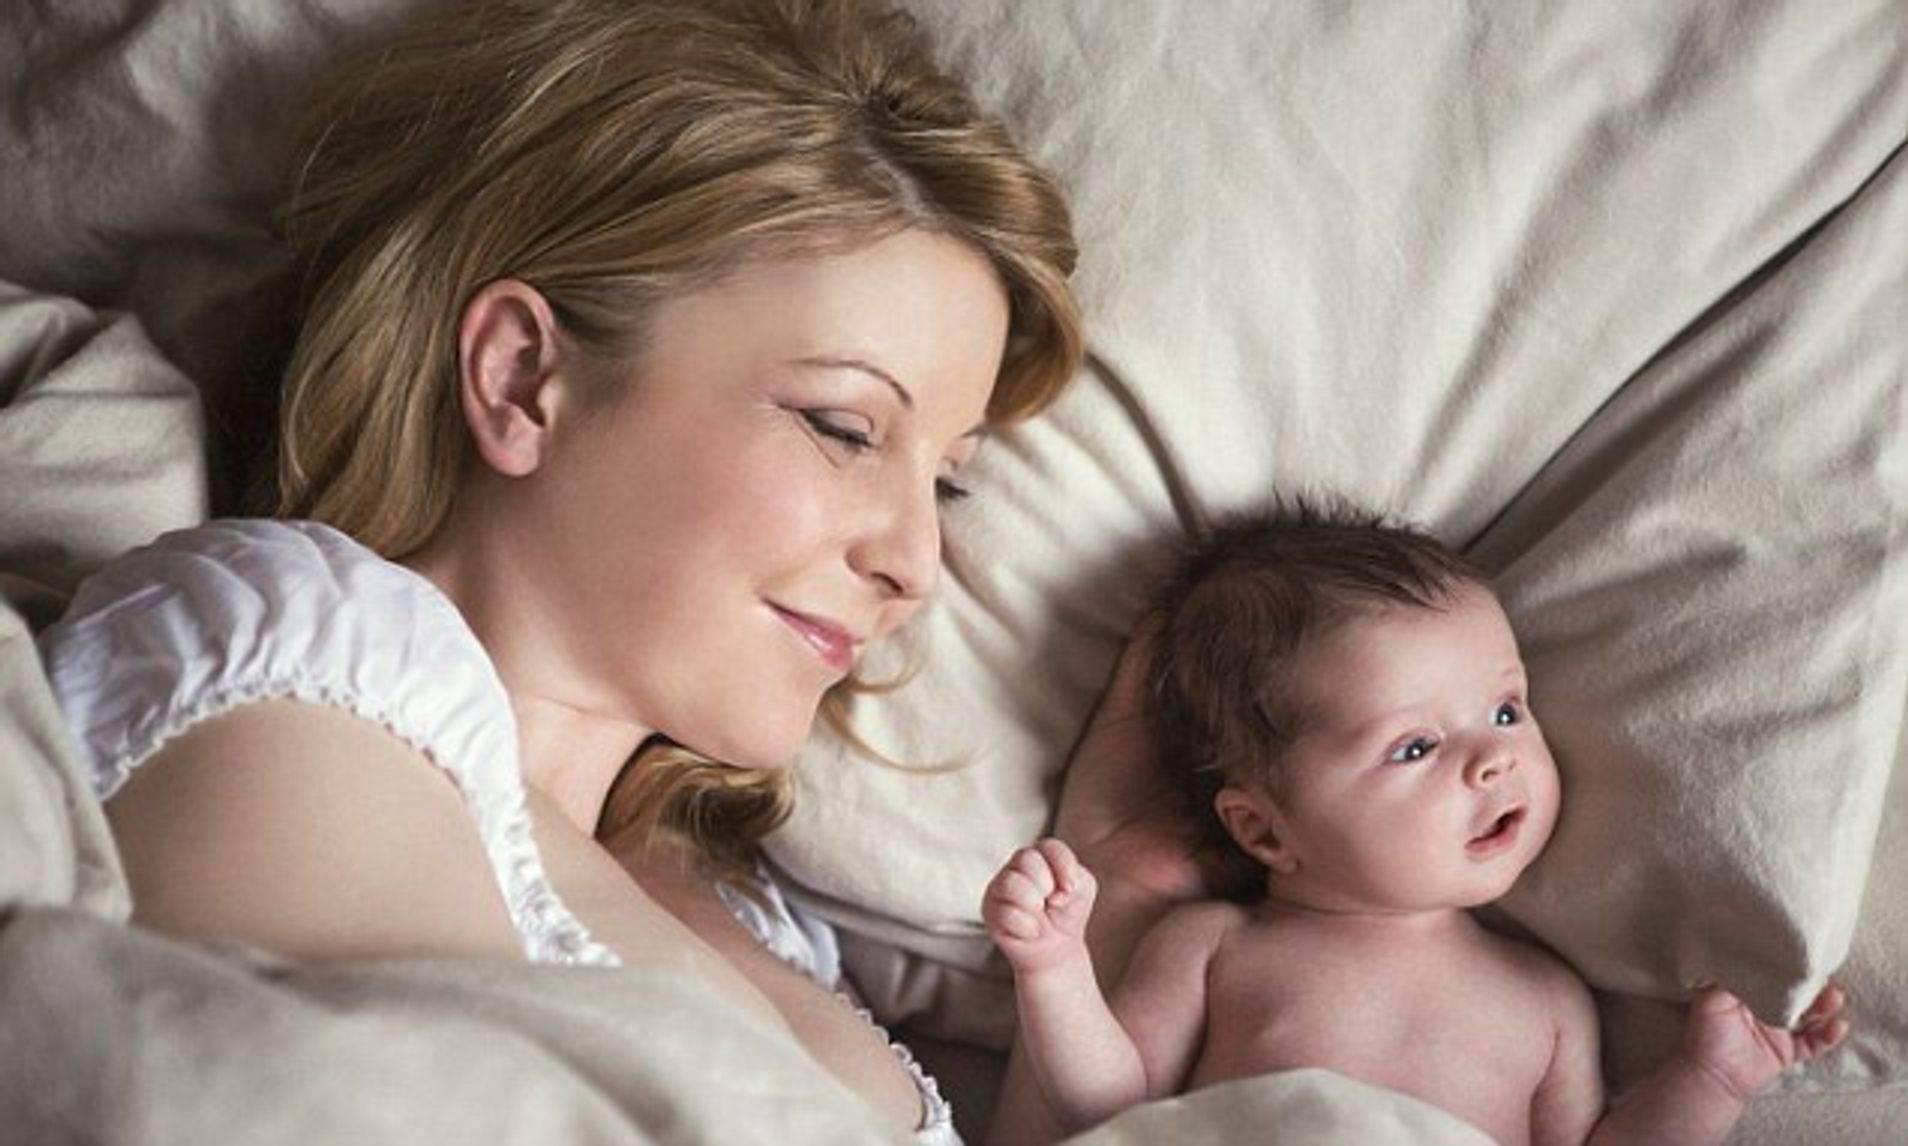 Когда малыш начинает говорить первые слова: агу, мама. в каком возрасте у ребенка появляются первые фразы